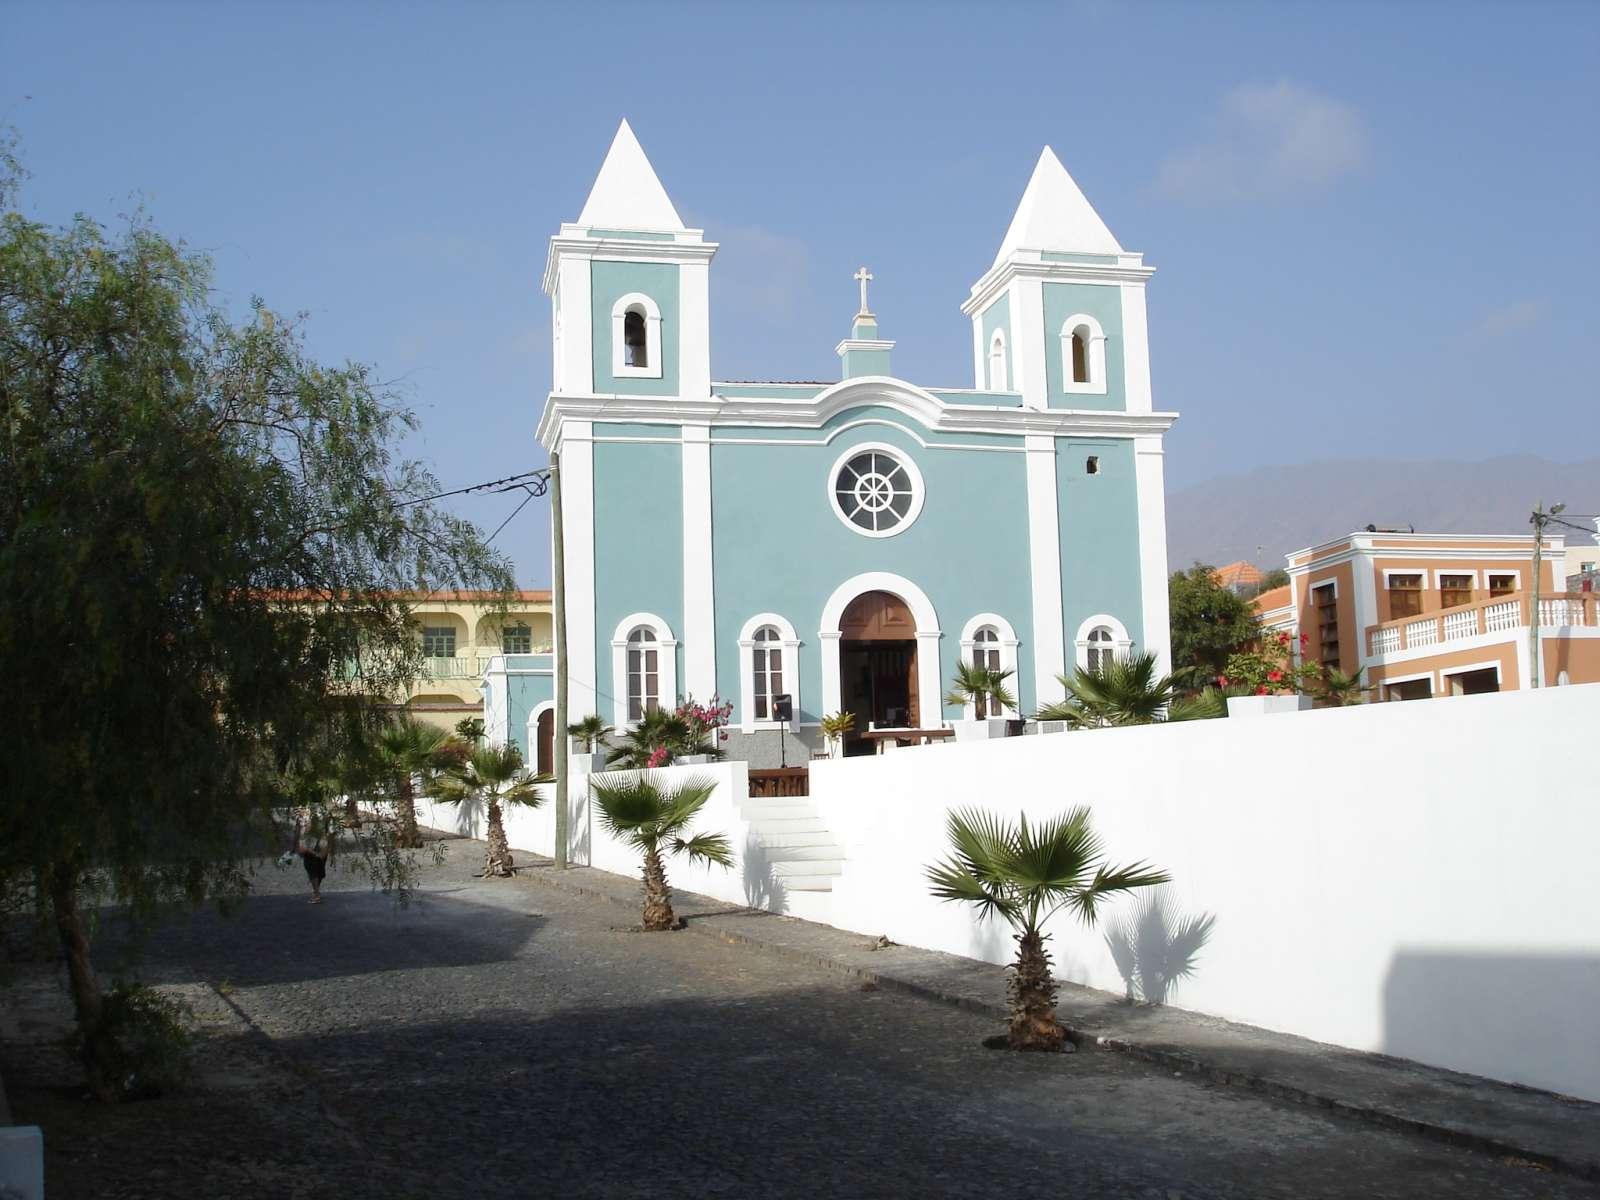 Excursion entre l'icône de l'île, le volcan Pico de Fogo, Mosteiros et son centre historique, les Salines de São Jorge et de Porto Natural de Lavas et des eaux cristallines qui baignent une petite plage de sable noir